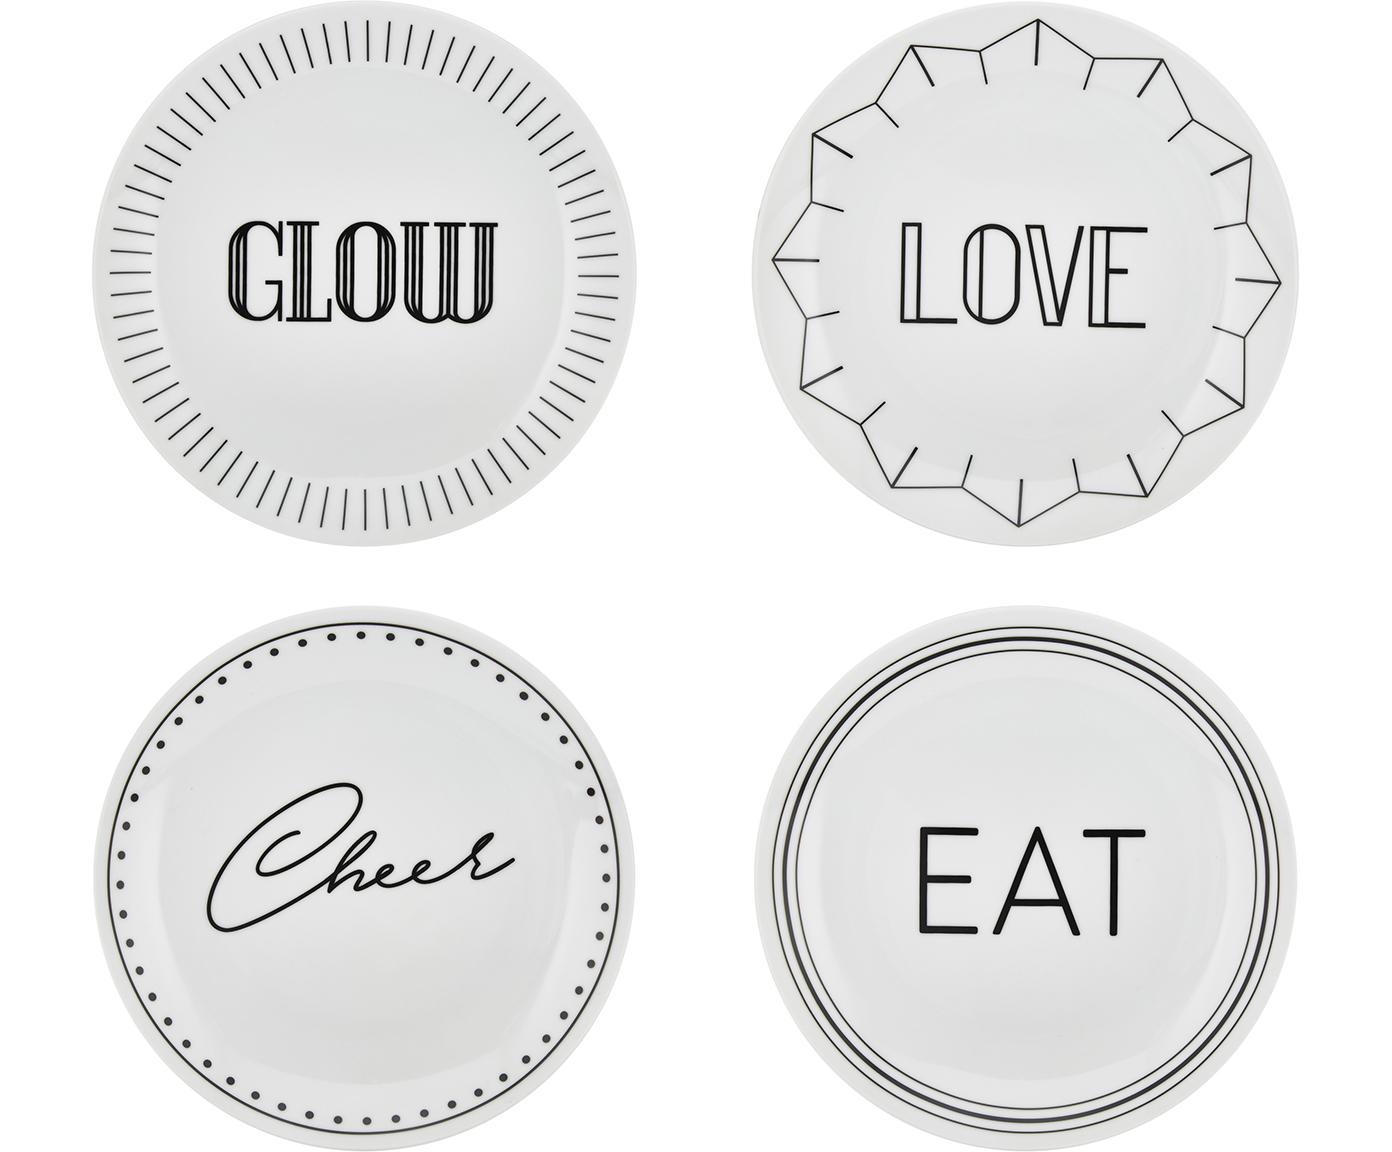 Porzellan Frühstücksteller Glimmer mit schwarzer Aufschrift, 4er-Set, Porzellan, Weiss, Schwarz, Ø 21 cm